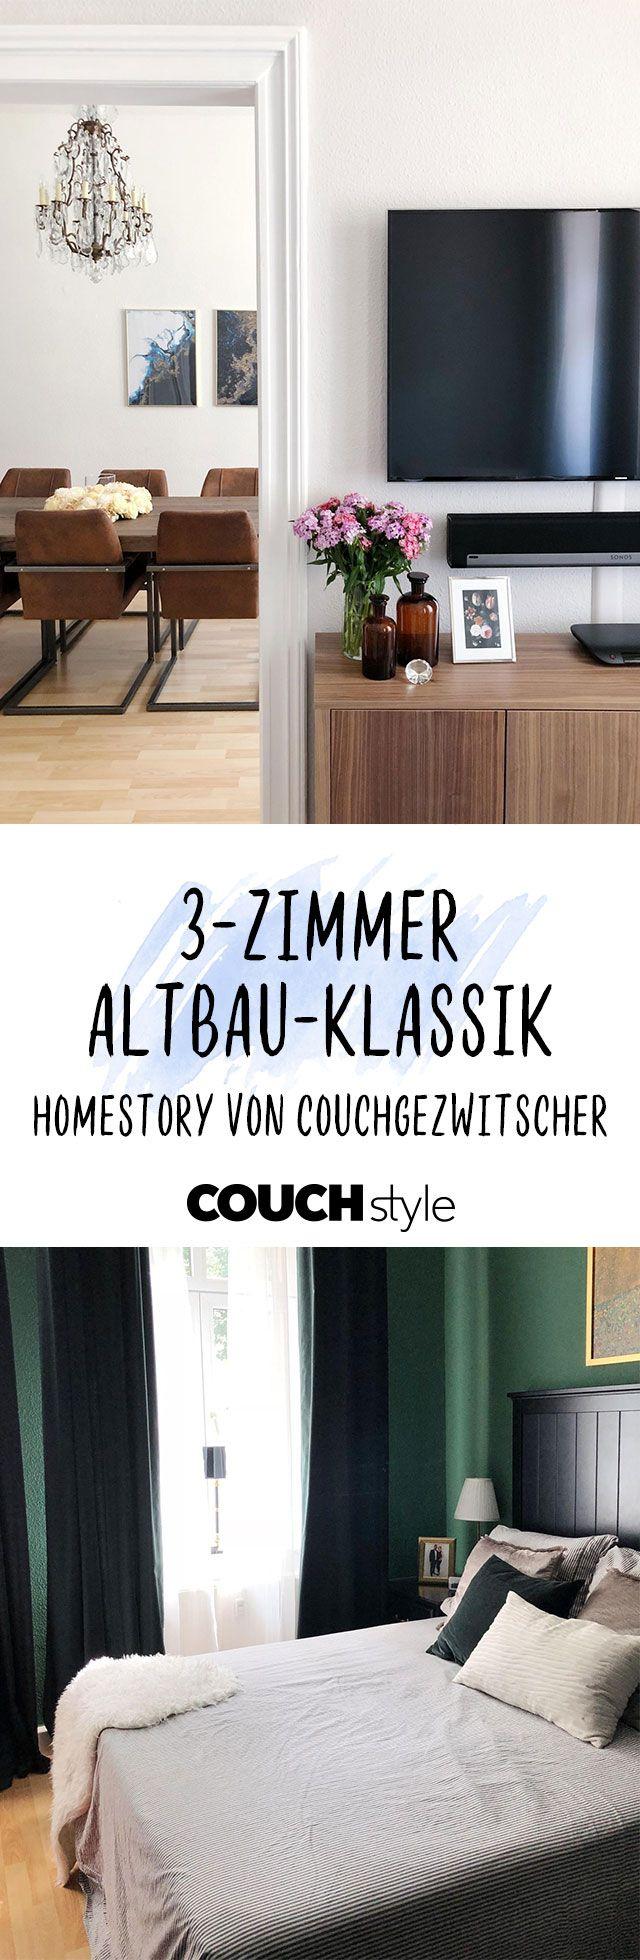 Kuche Altbau Pinterest Pinterest Schlafzimmer Altbau